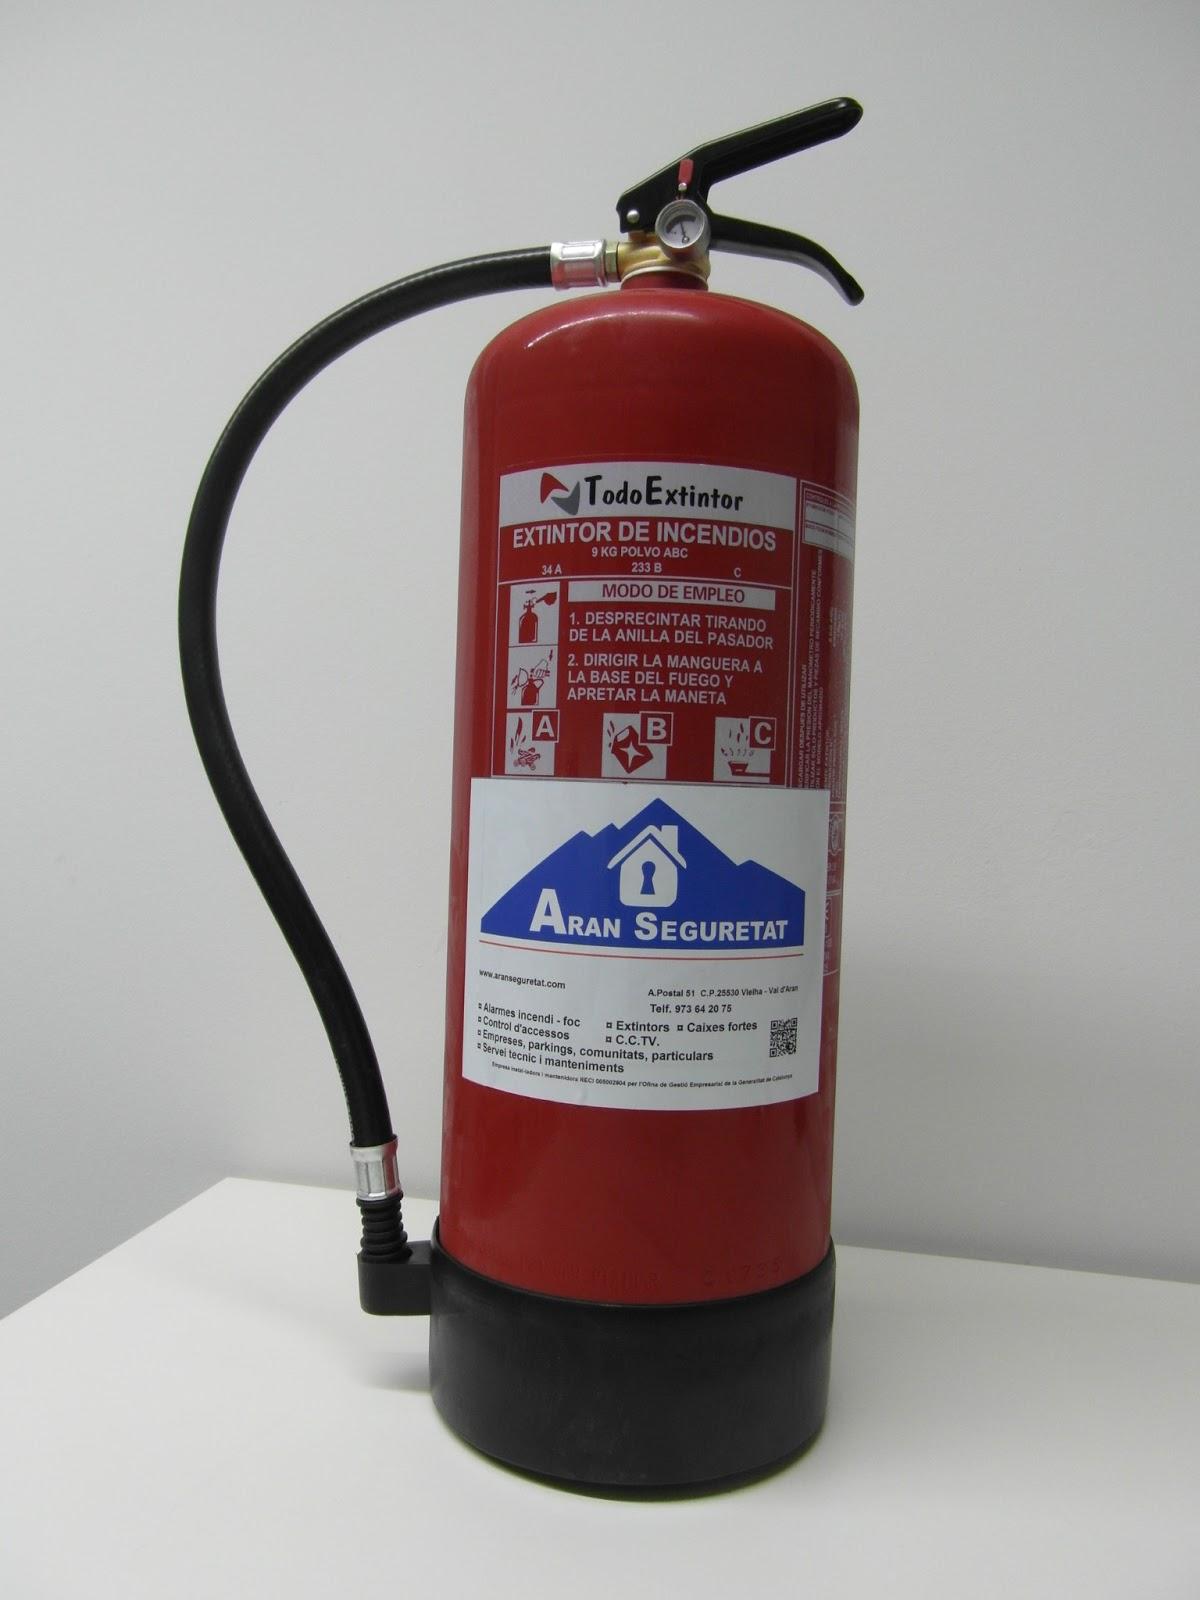 Aran seguretat revision de extintores - Extintor para casa ...